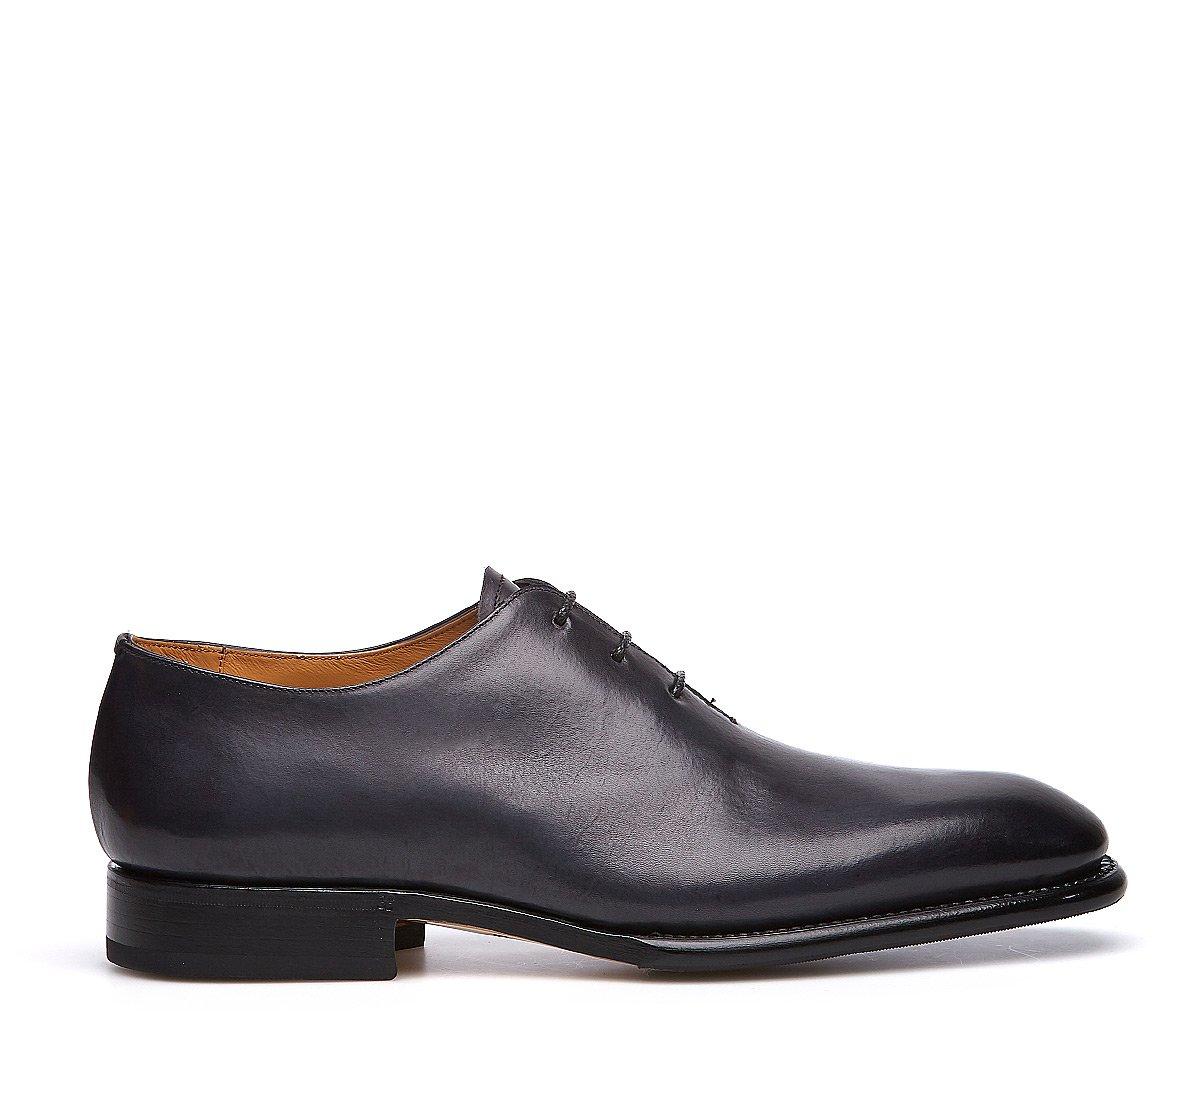 Классические ботинки Fabi Flex Goodyear из телячьей кожи